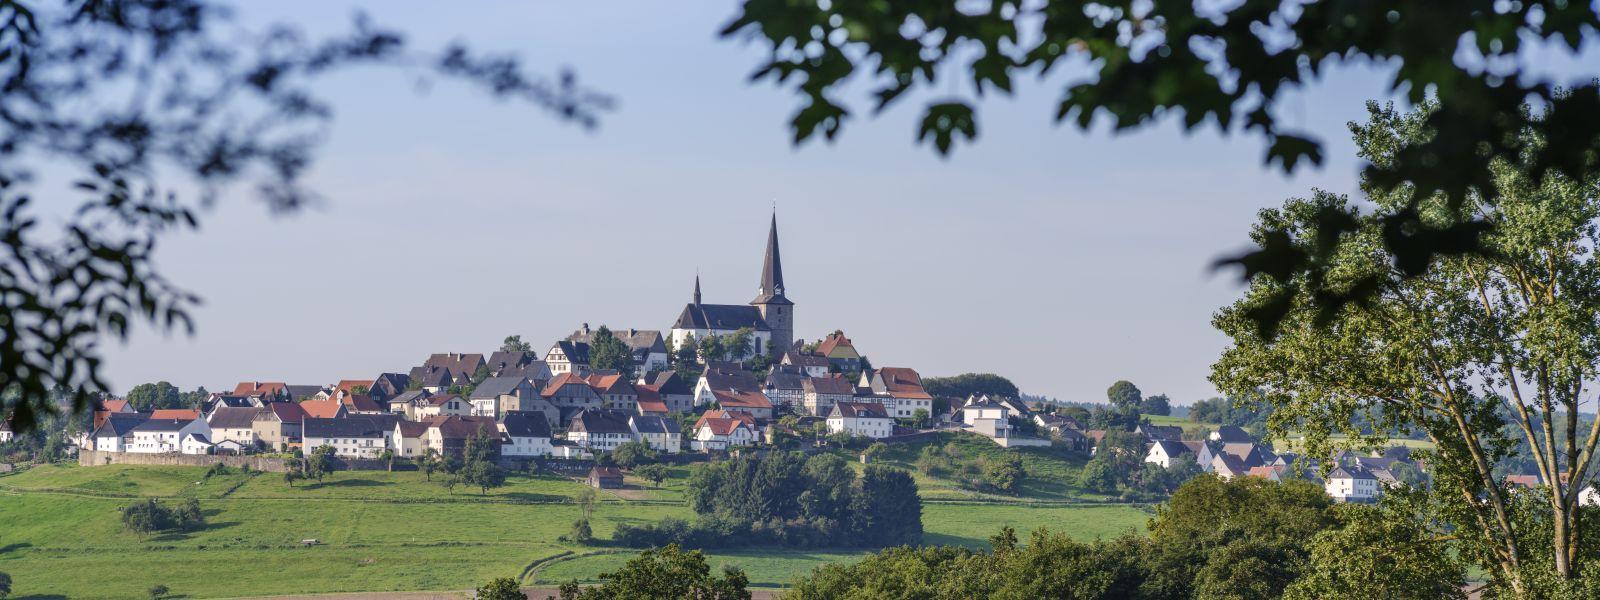 Aussicht auf Kallenhardt im Sommer für genussvolle Wandertage